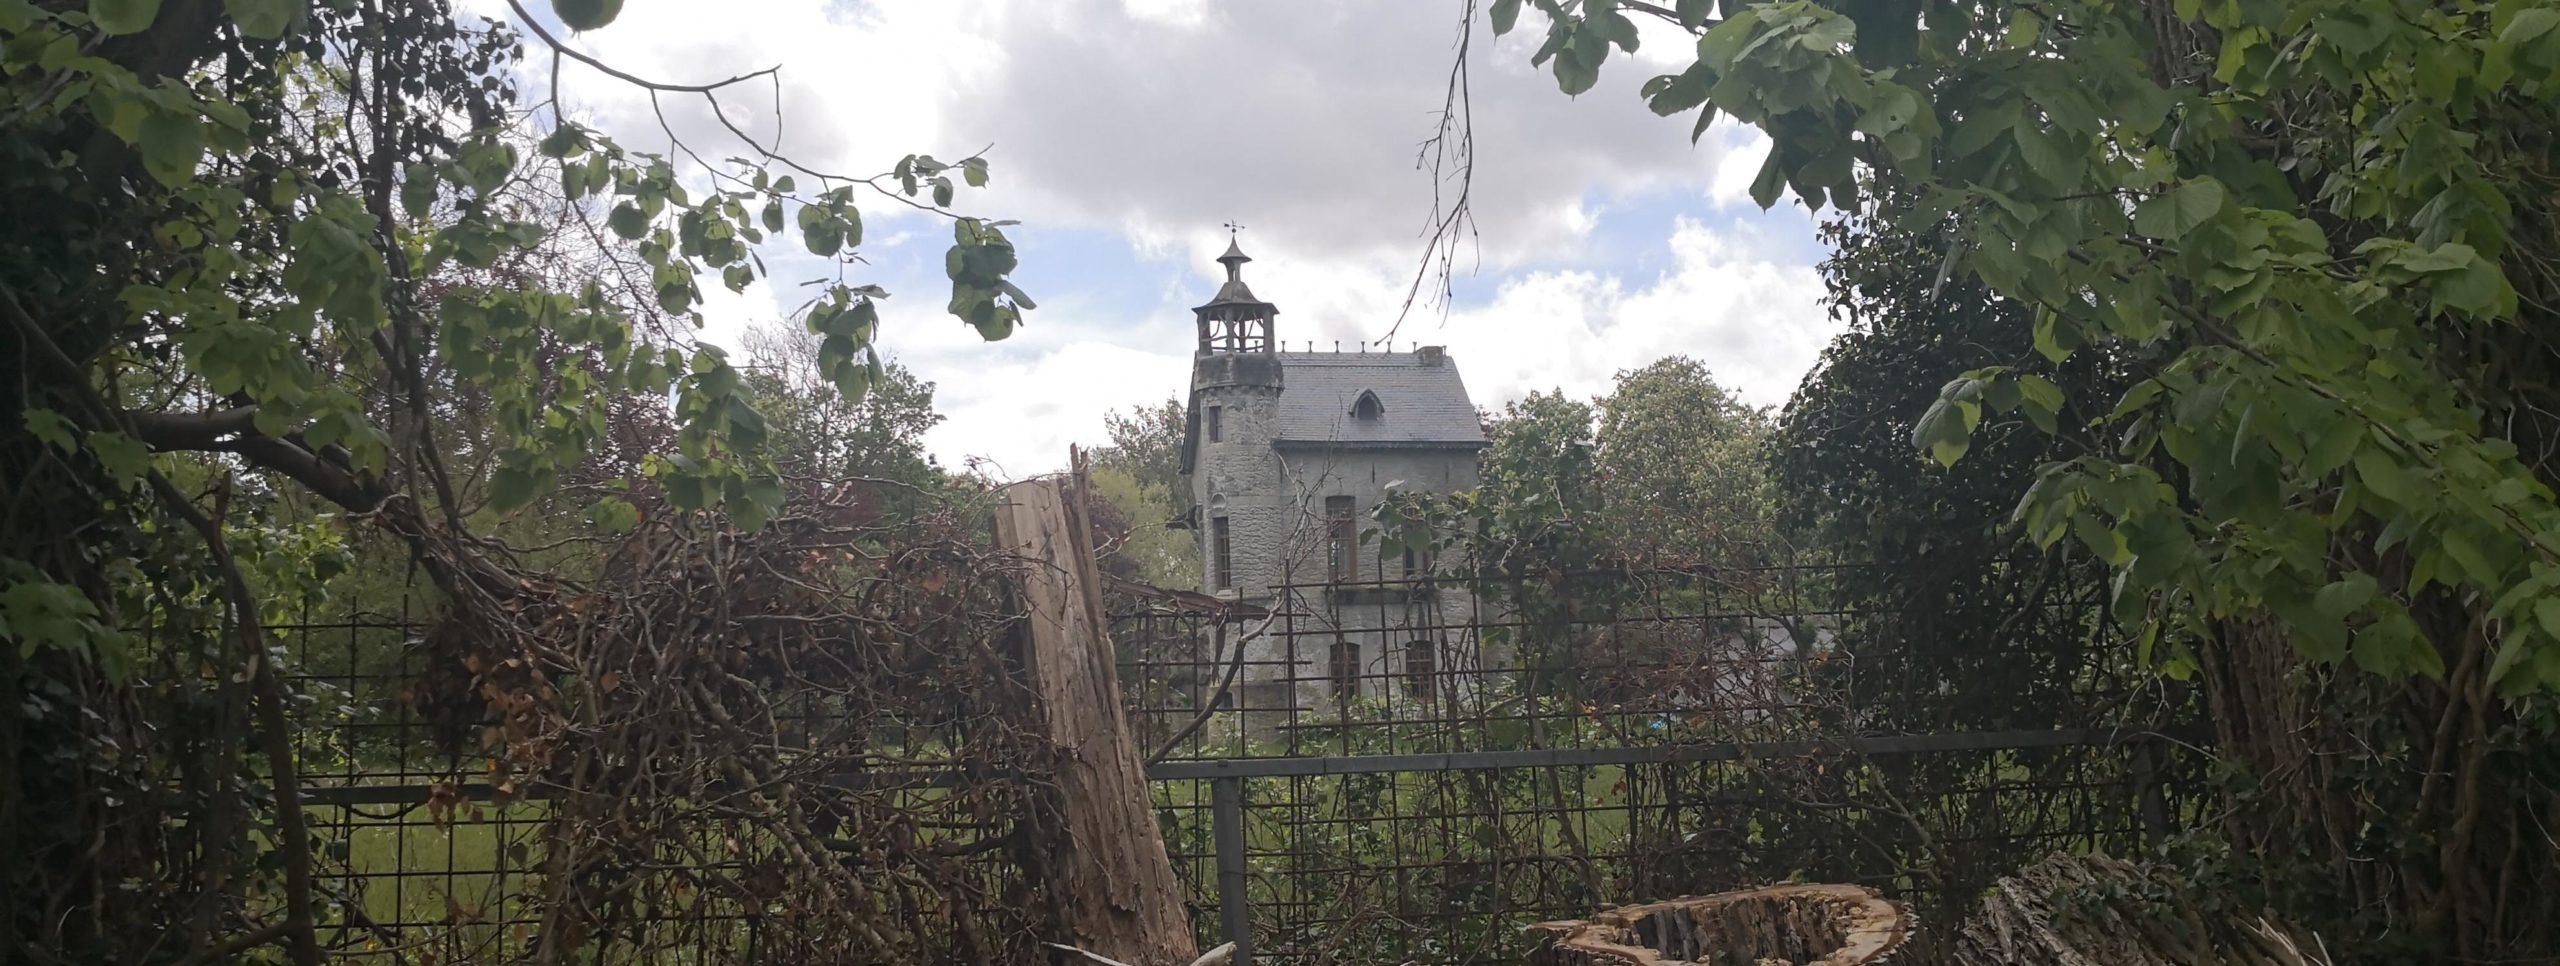 Eversambos le chateau fort en béton